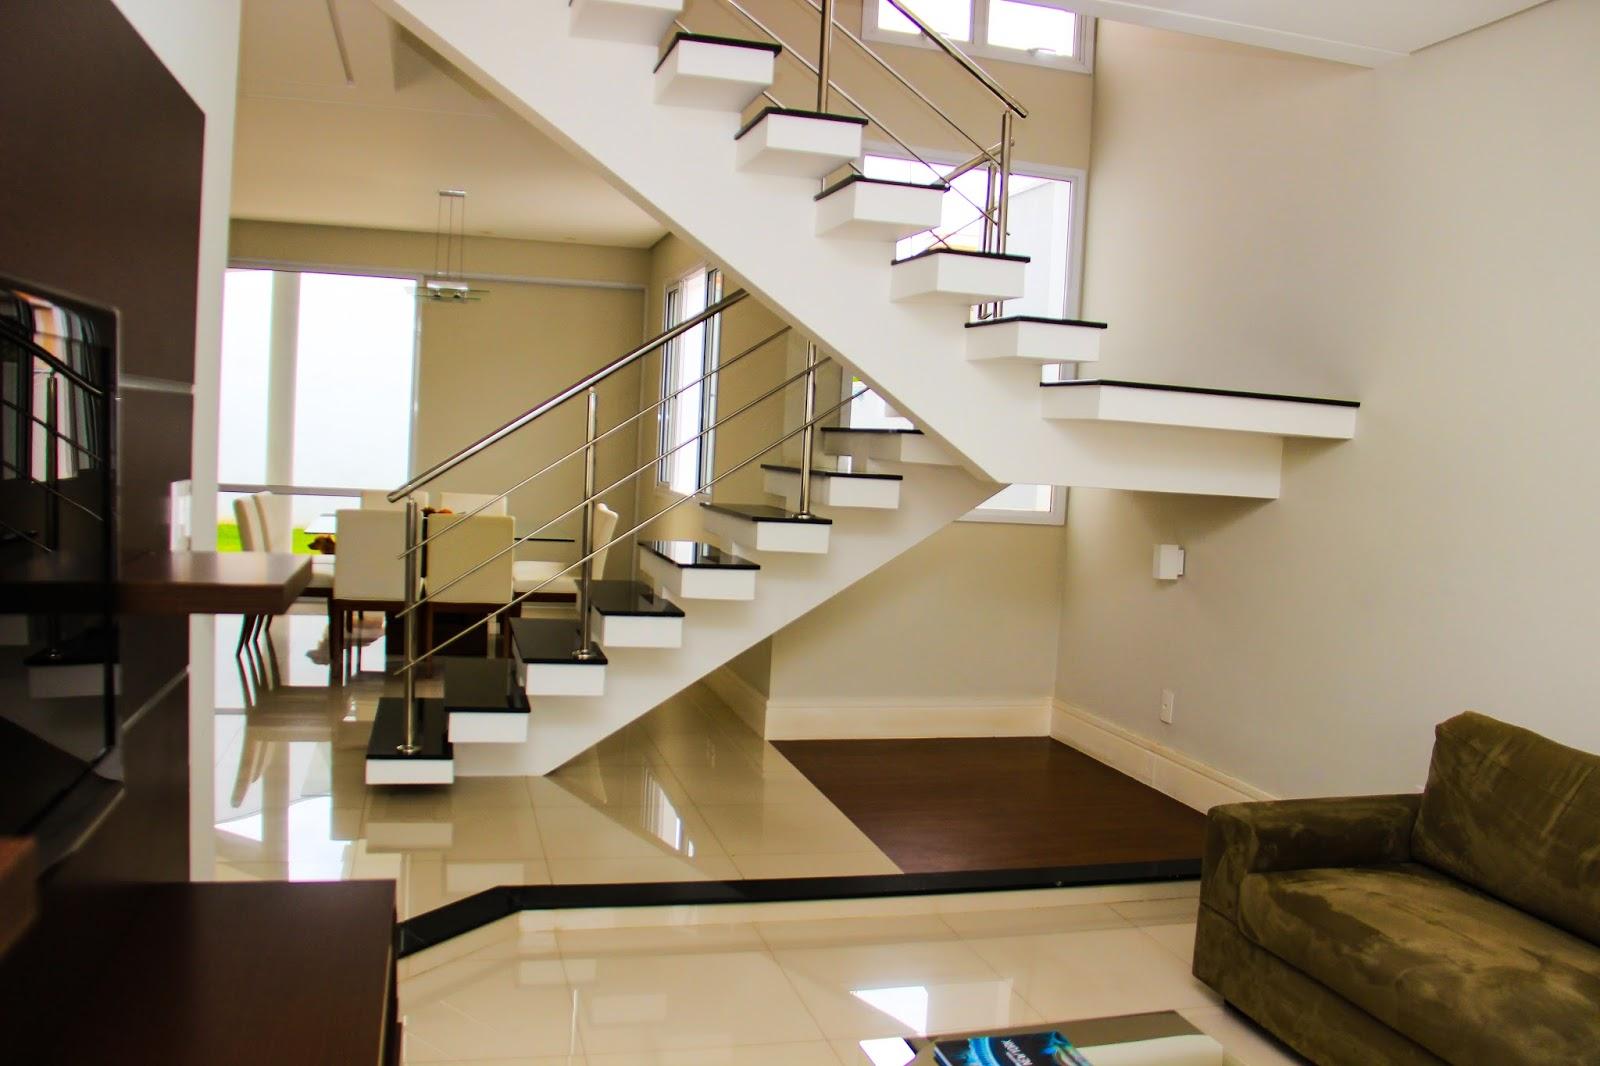 Meyre kajita resid ncia no condom nio primvera taubat for Sala de estar grande com escada